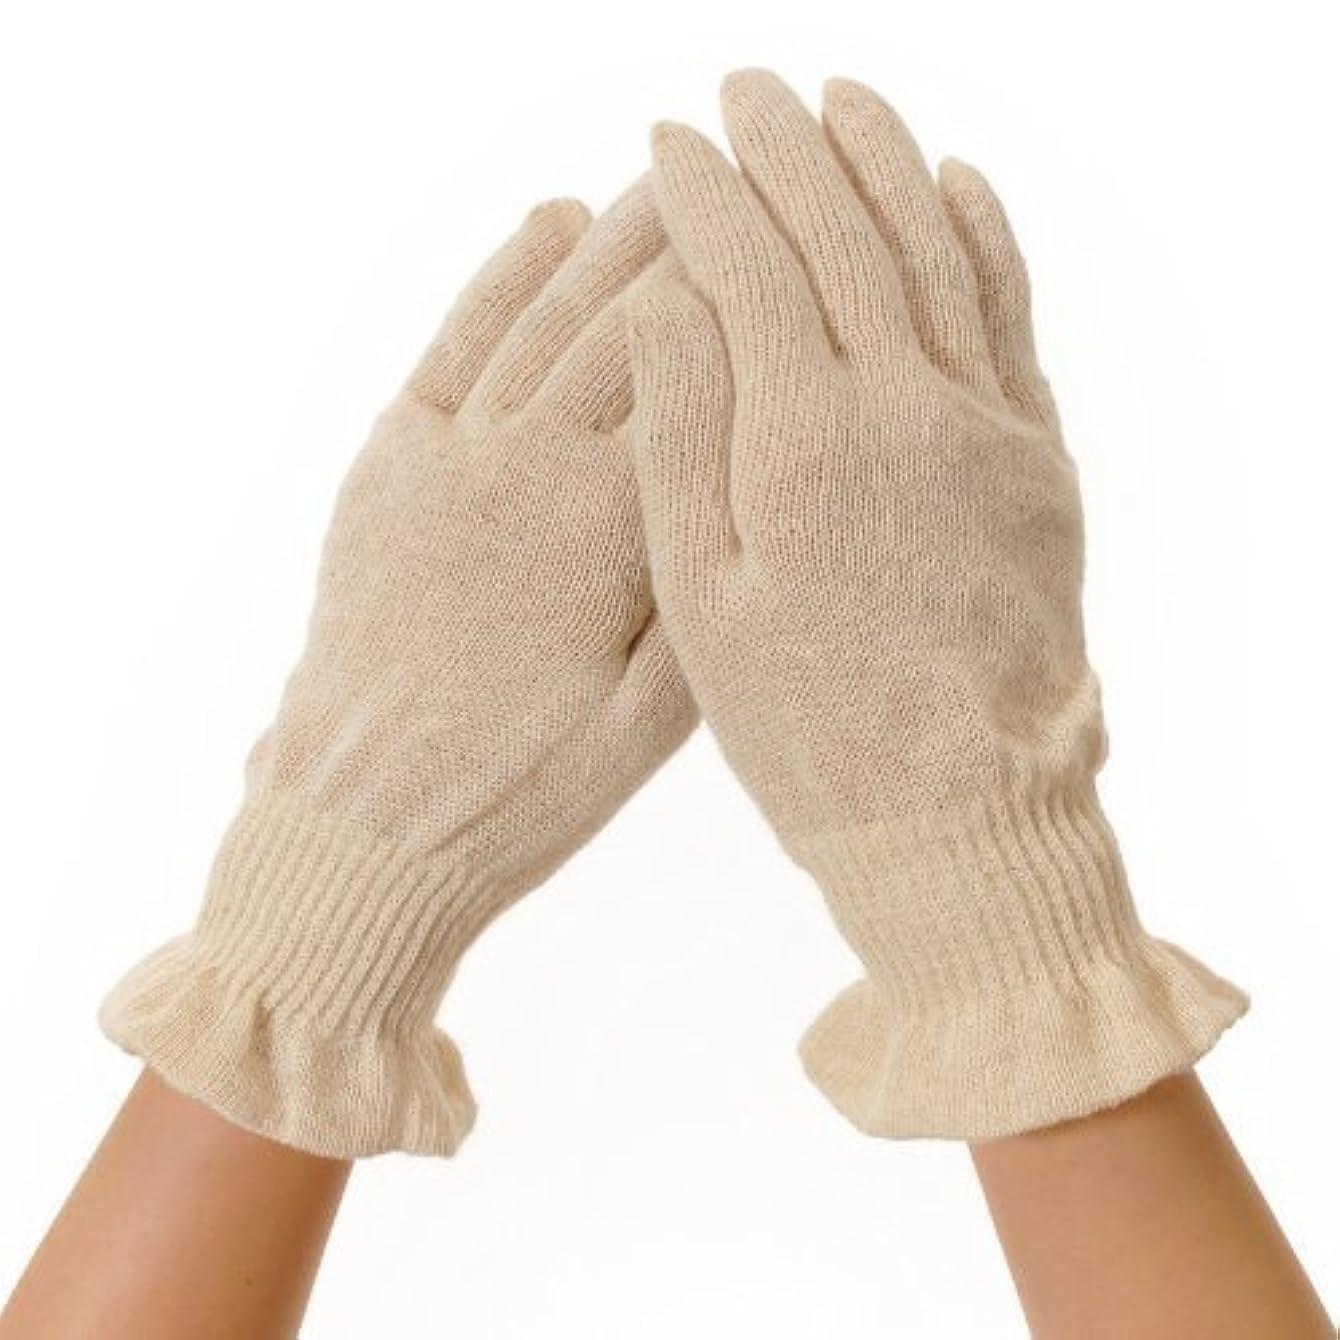 マニアックエンジンブースト麻福 就寝用 手袋 [寝ている間に保湿で手荒れケア おやすみ手袋] 麻福特製ヘンプ糸 Rサイズ (女性ゆったり/男性ジャストフィット) きなり色 手荒れ予防